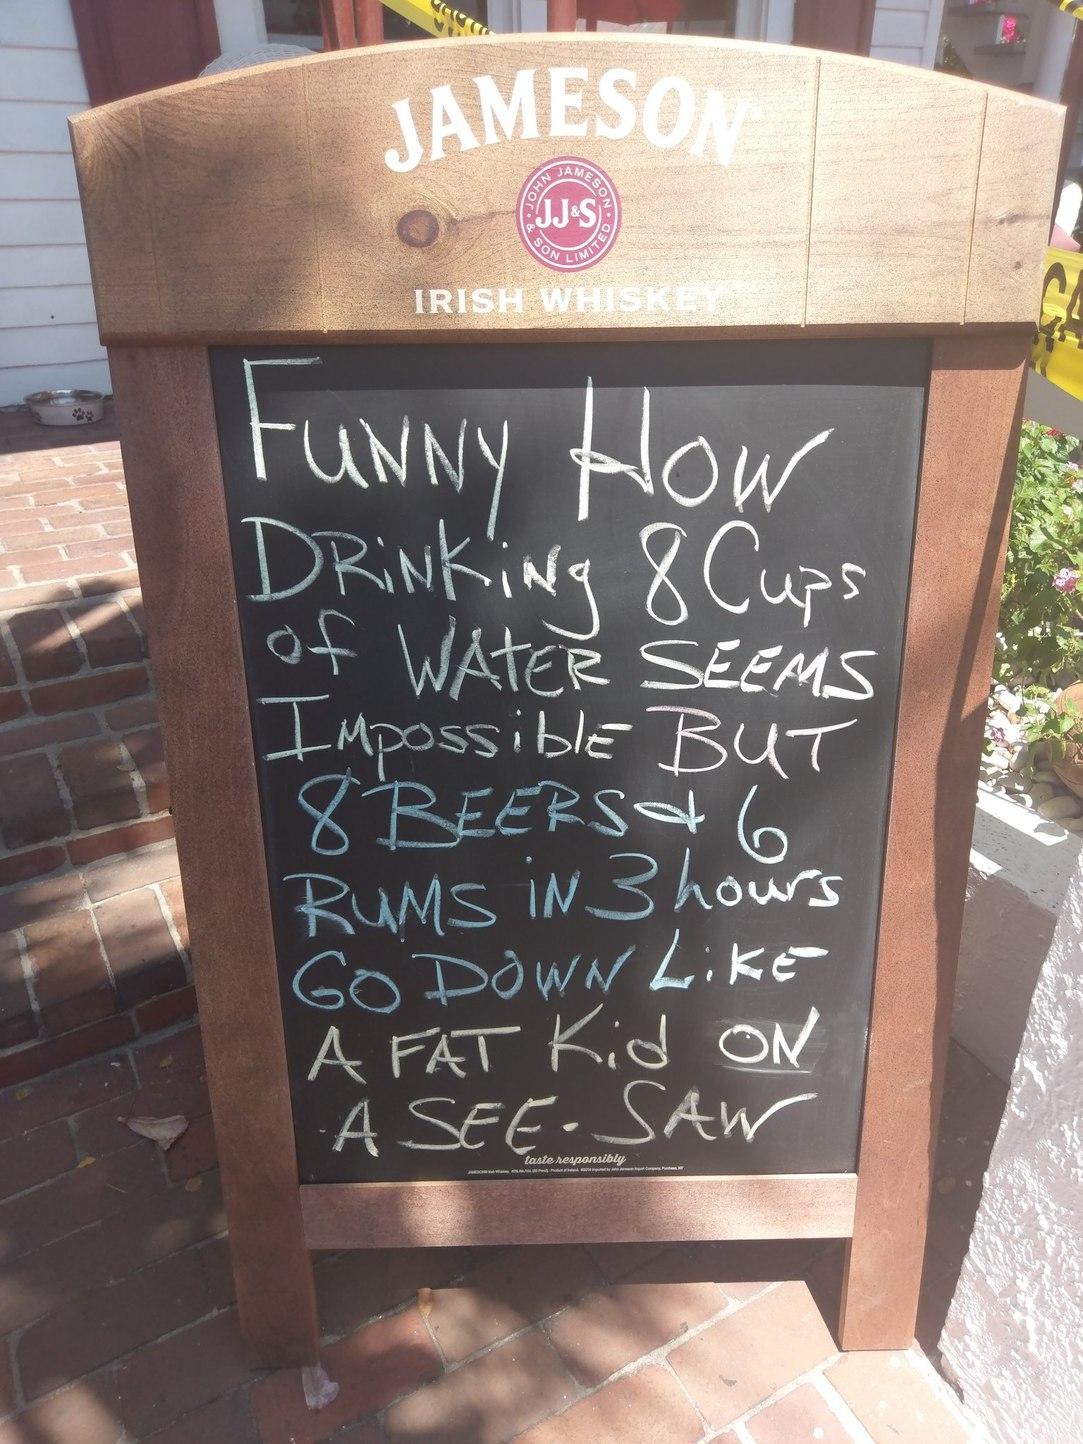 How you know you found a good bar - meme